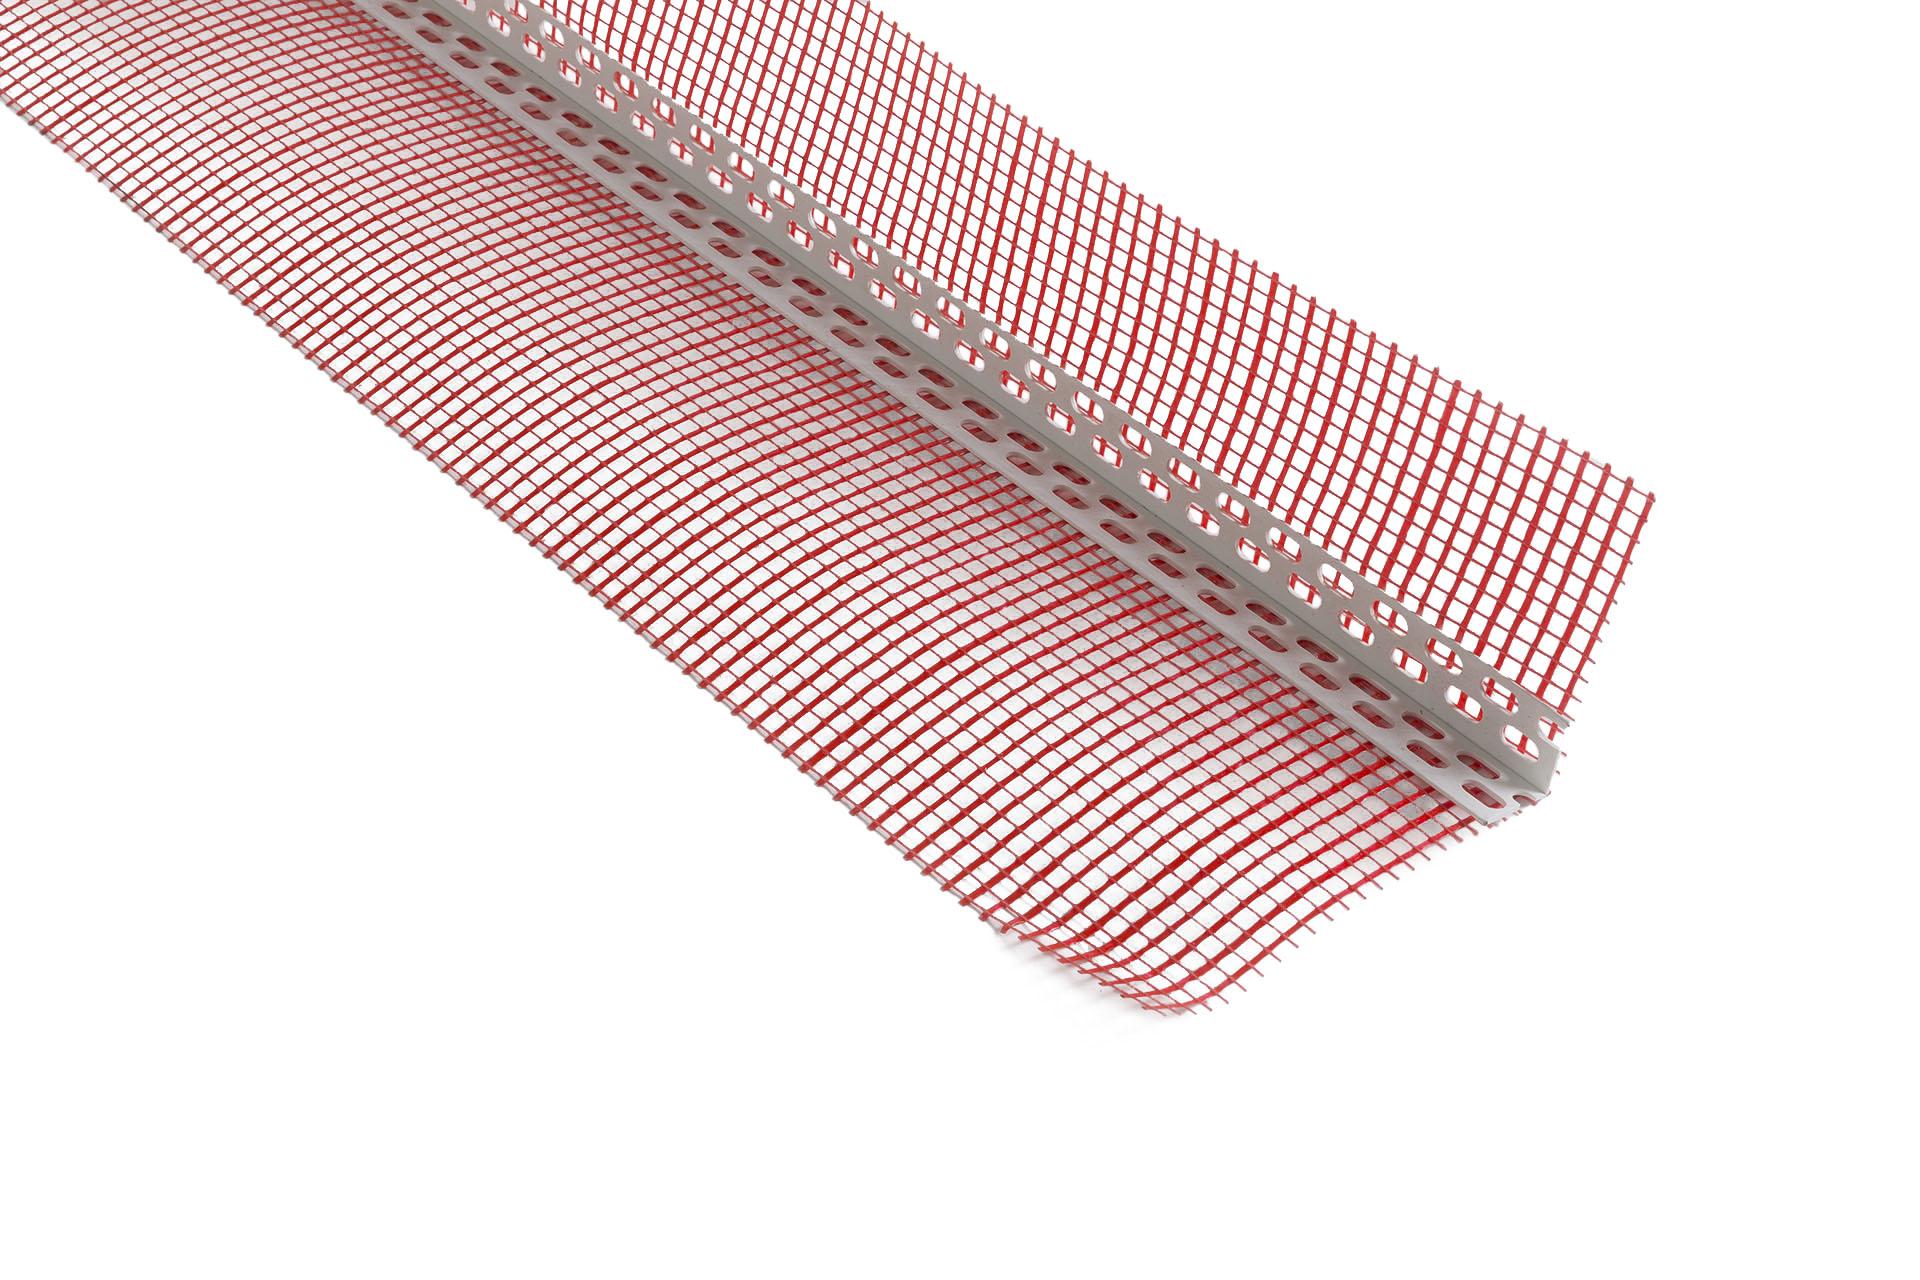 Angolare Rompigoccia accessorio per rete in fibra di vetro per intonaco